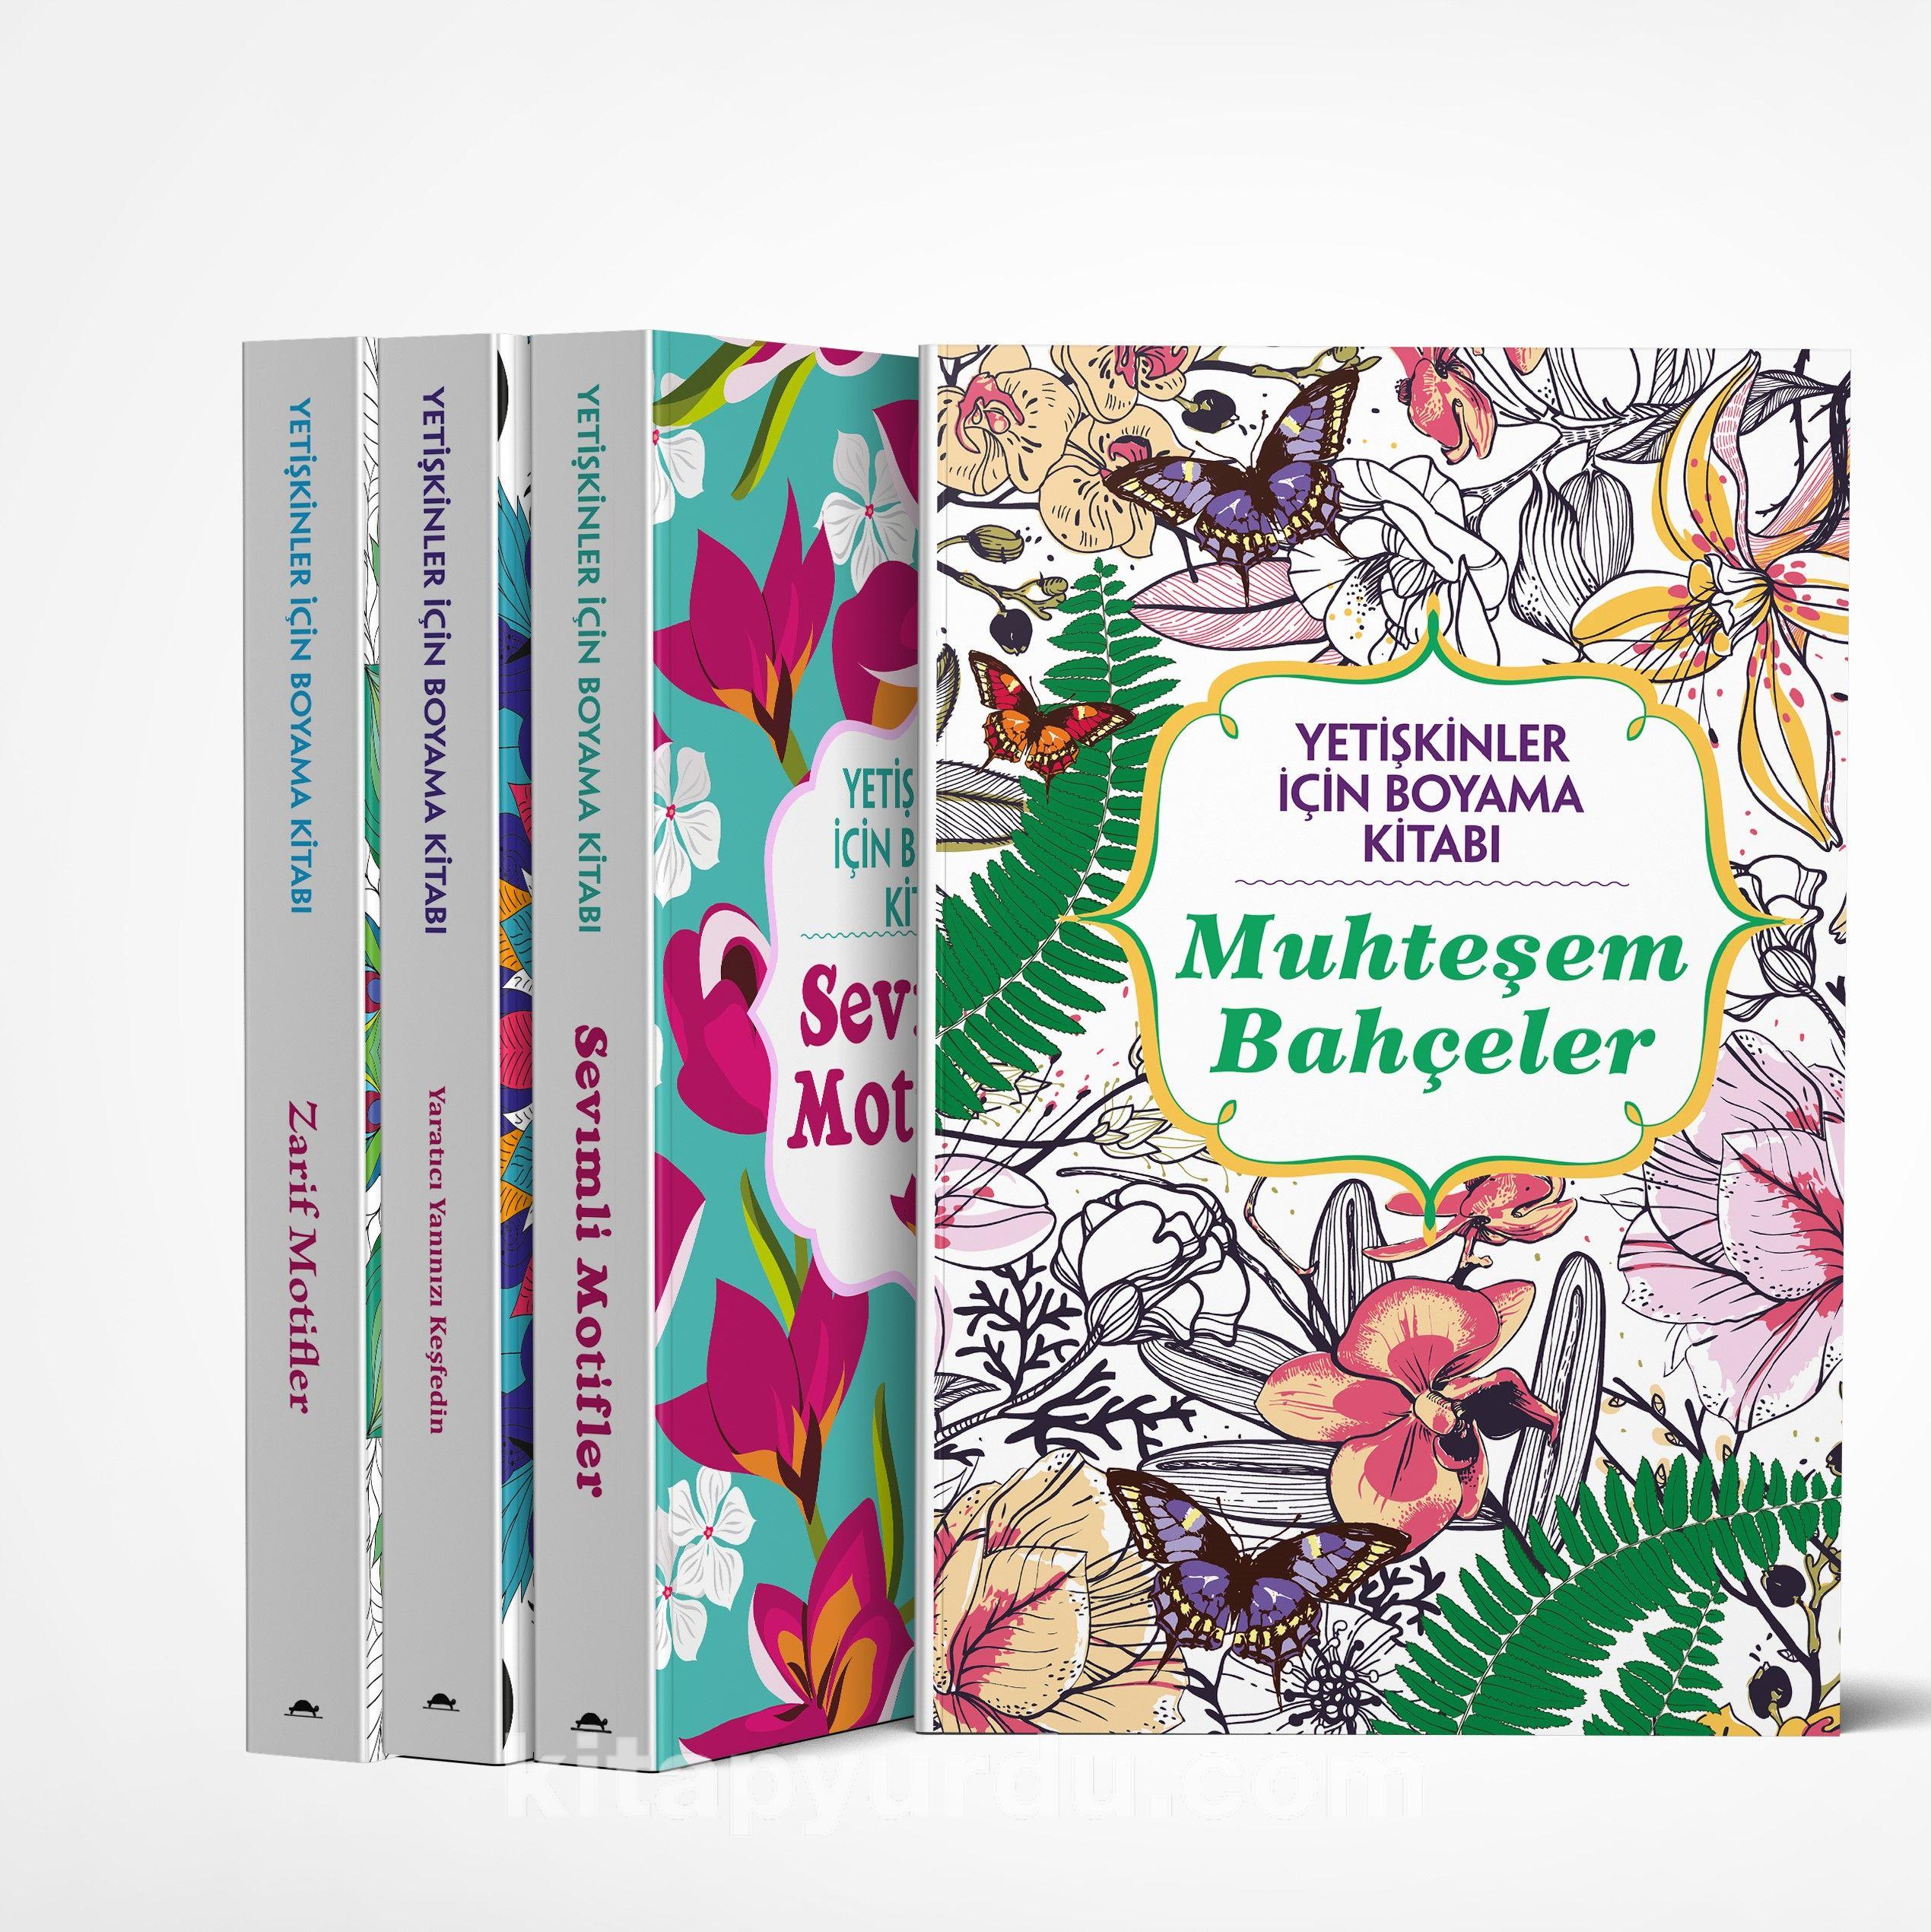 Yetişkinler İçin Boyama Kitabı Seti (4 Kitap Takım) PDF Kitap İndir